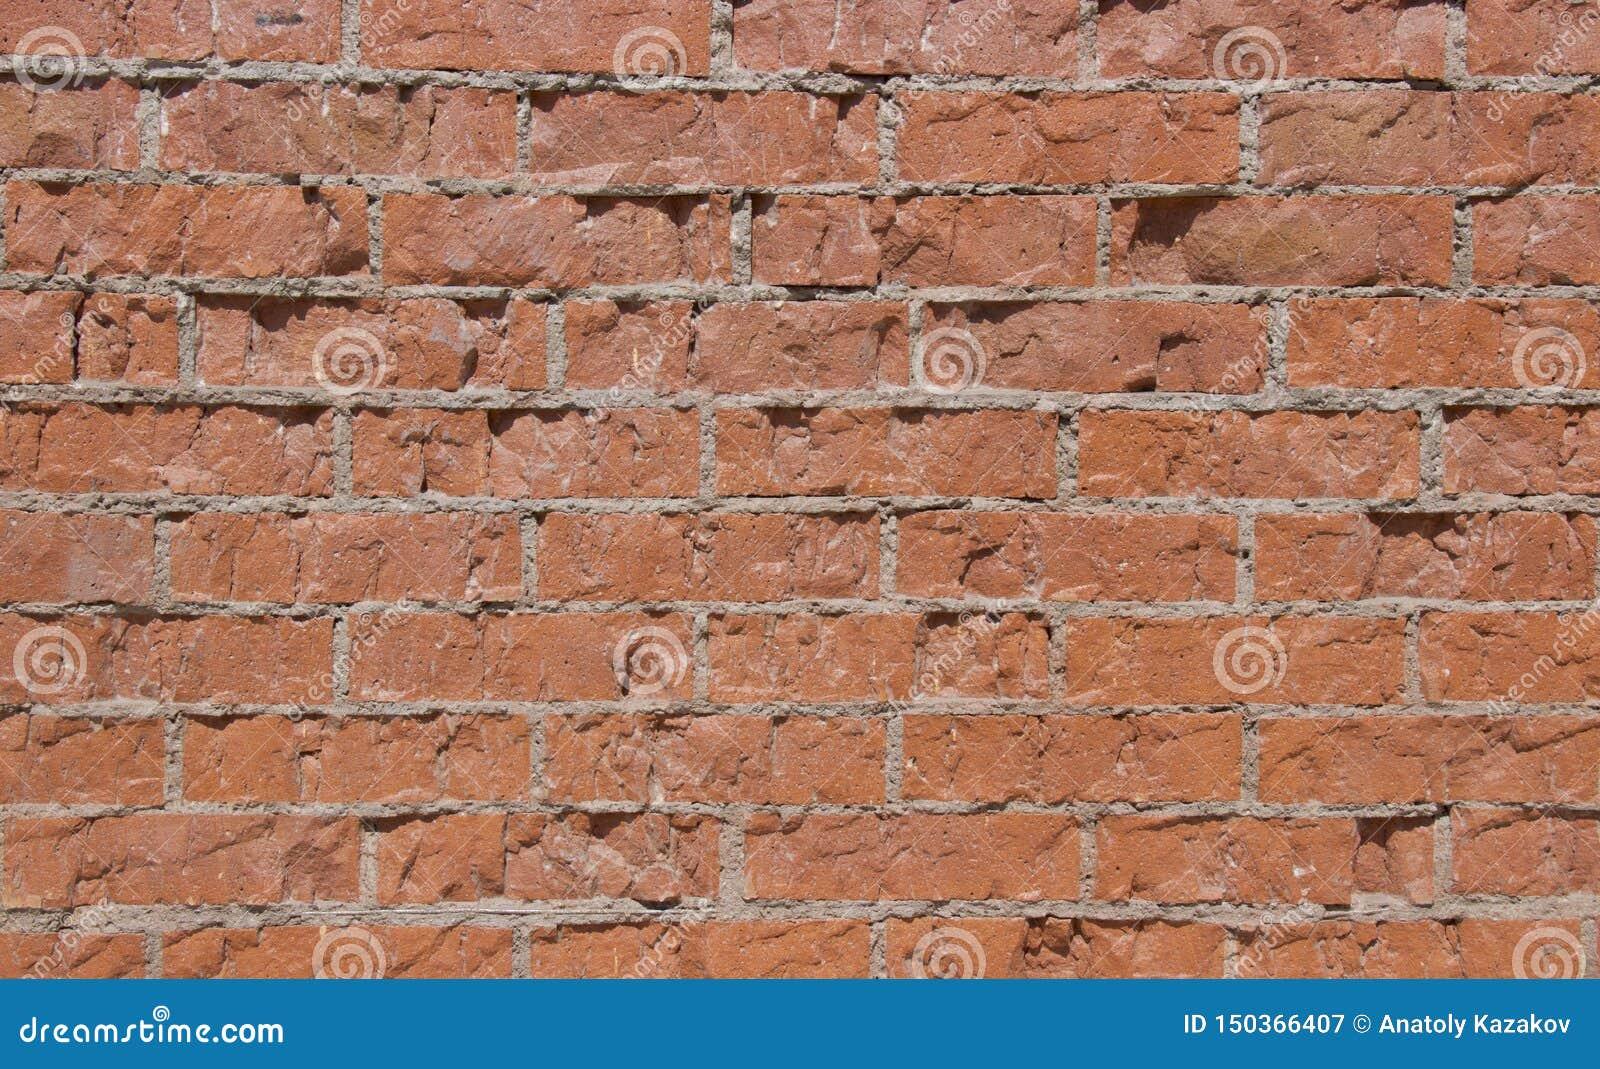 Красная кирпичная стена в дневном свете